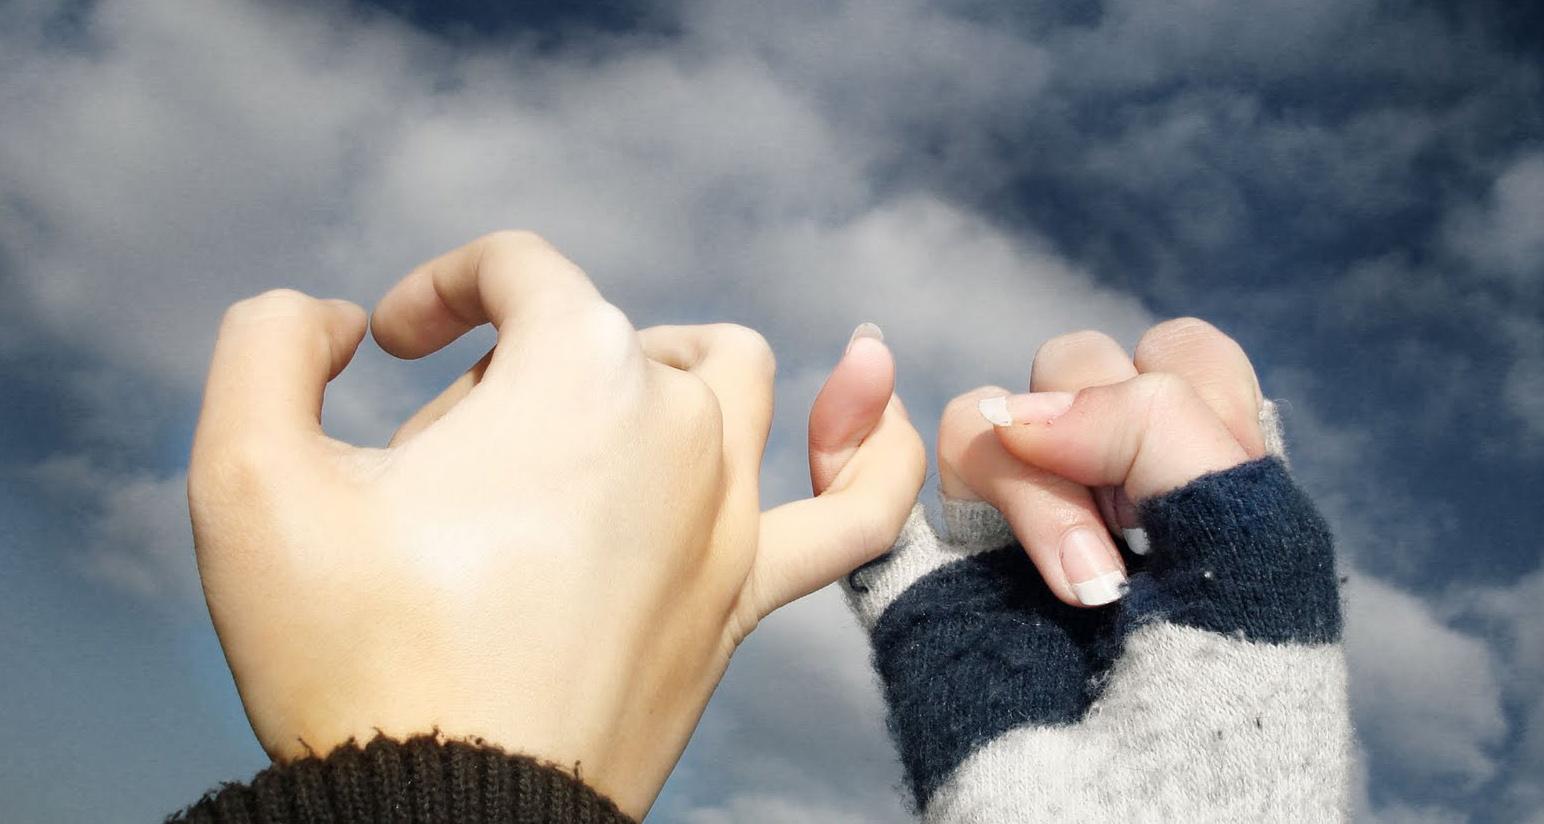 http://4.bp.blogspot.com/-hGPCstP32ns/UB1wMMZoNLI/AAAAAAAACpQ/AHw5UajXGZI/s1600/Friendship%2BWallpapers1.jpg